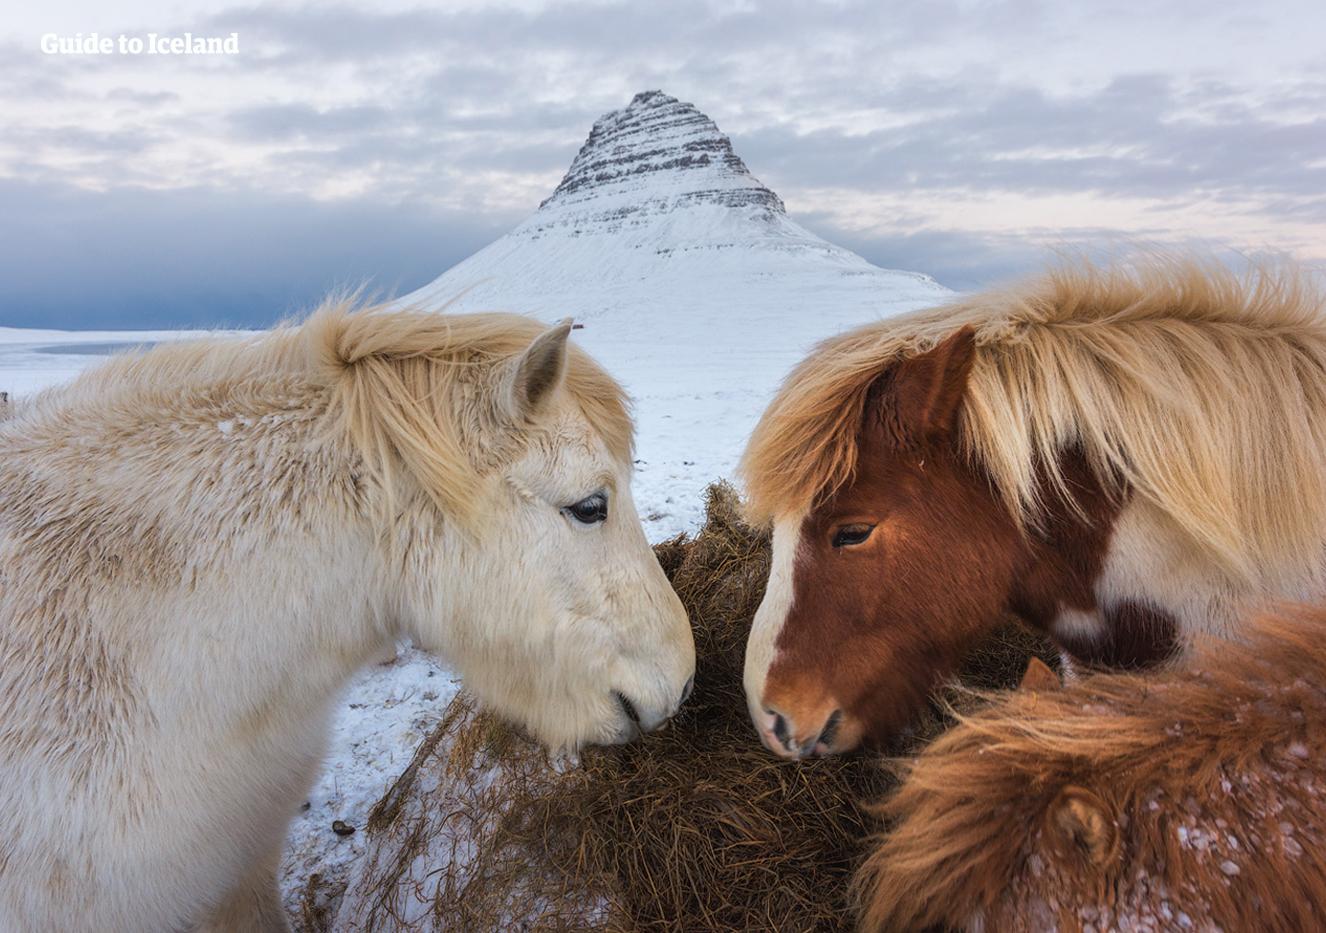 Islandske heste og det ikoniske bjerg Kirkjufell på Snæfellsnes-halvøen.